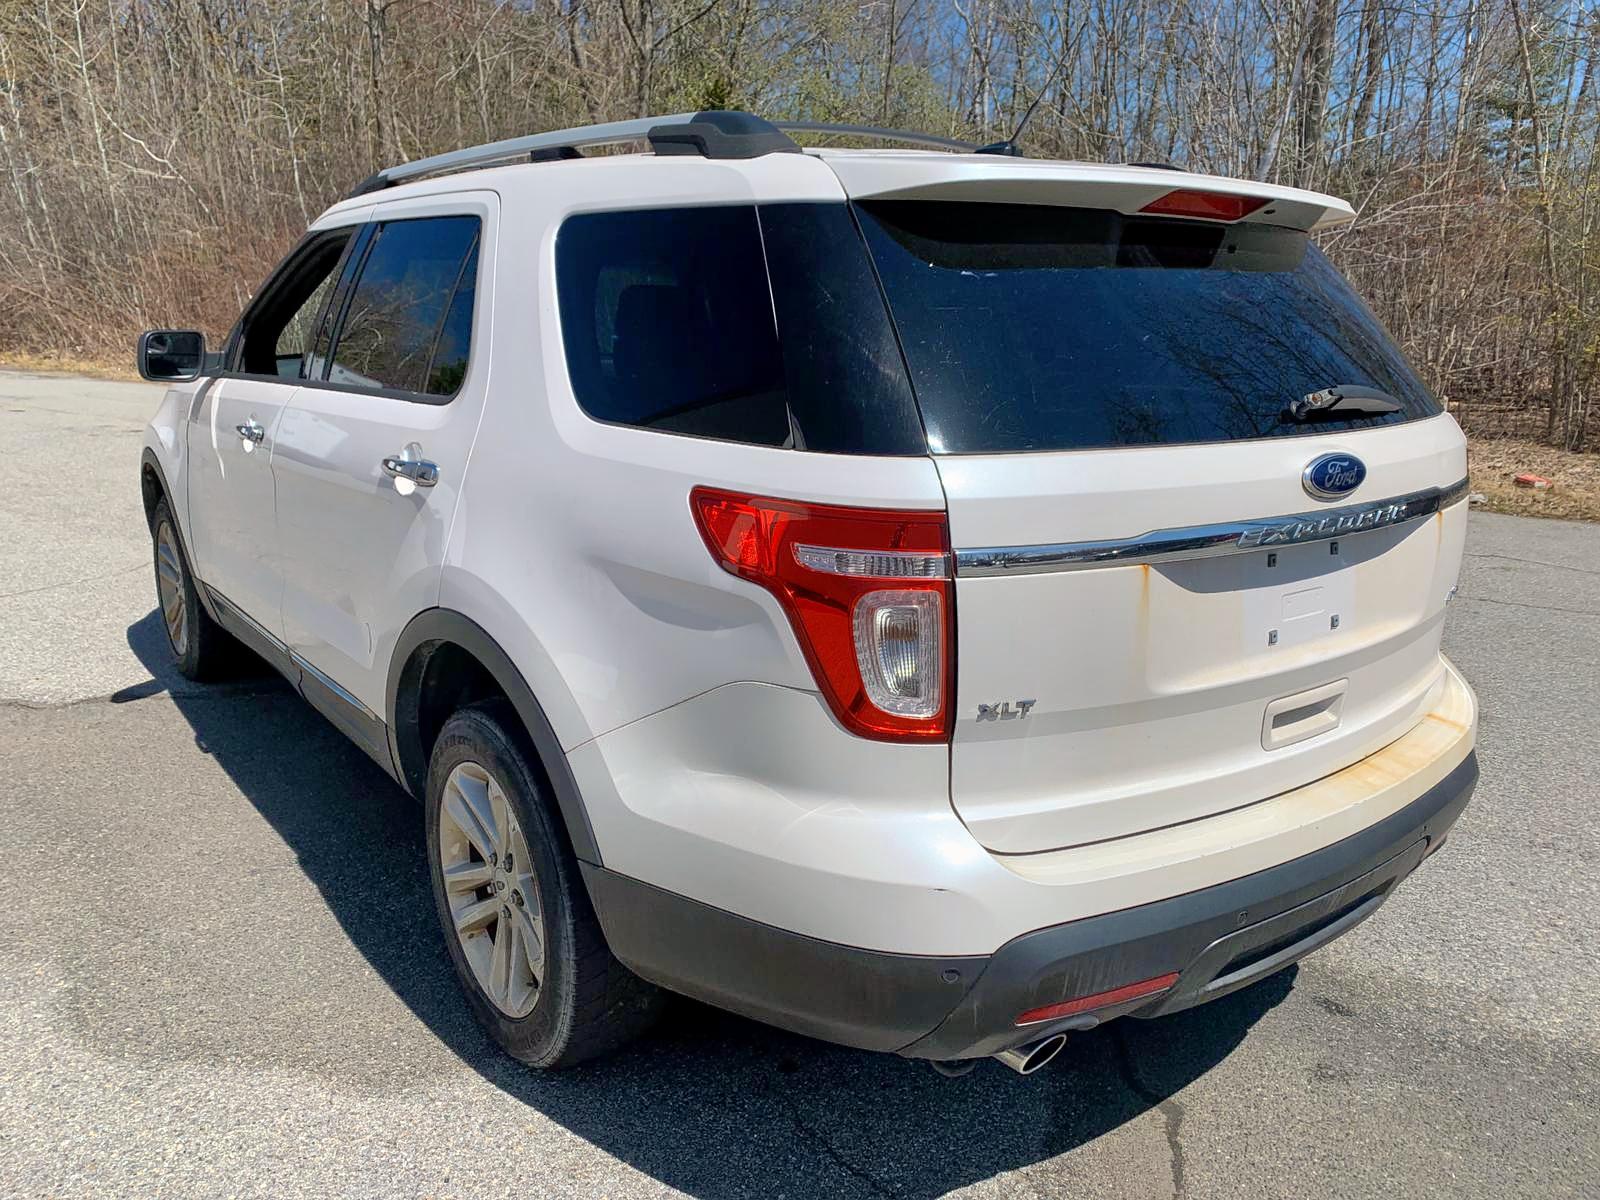 1FM5K8D80DGA05884 - 2013 Ford Explorer X 3.5L rear view